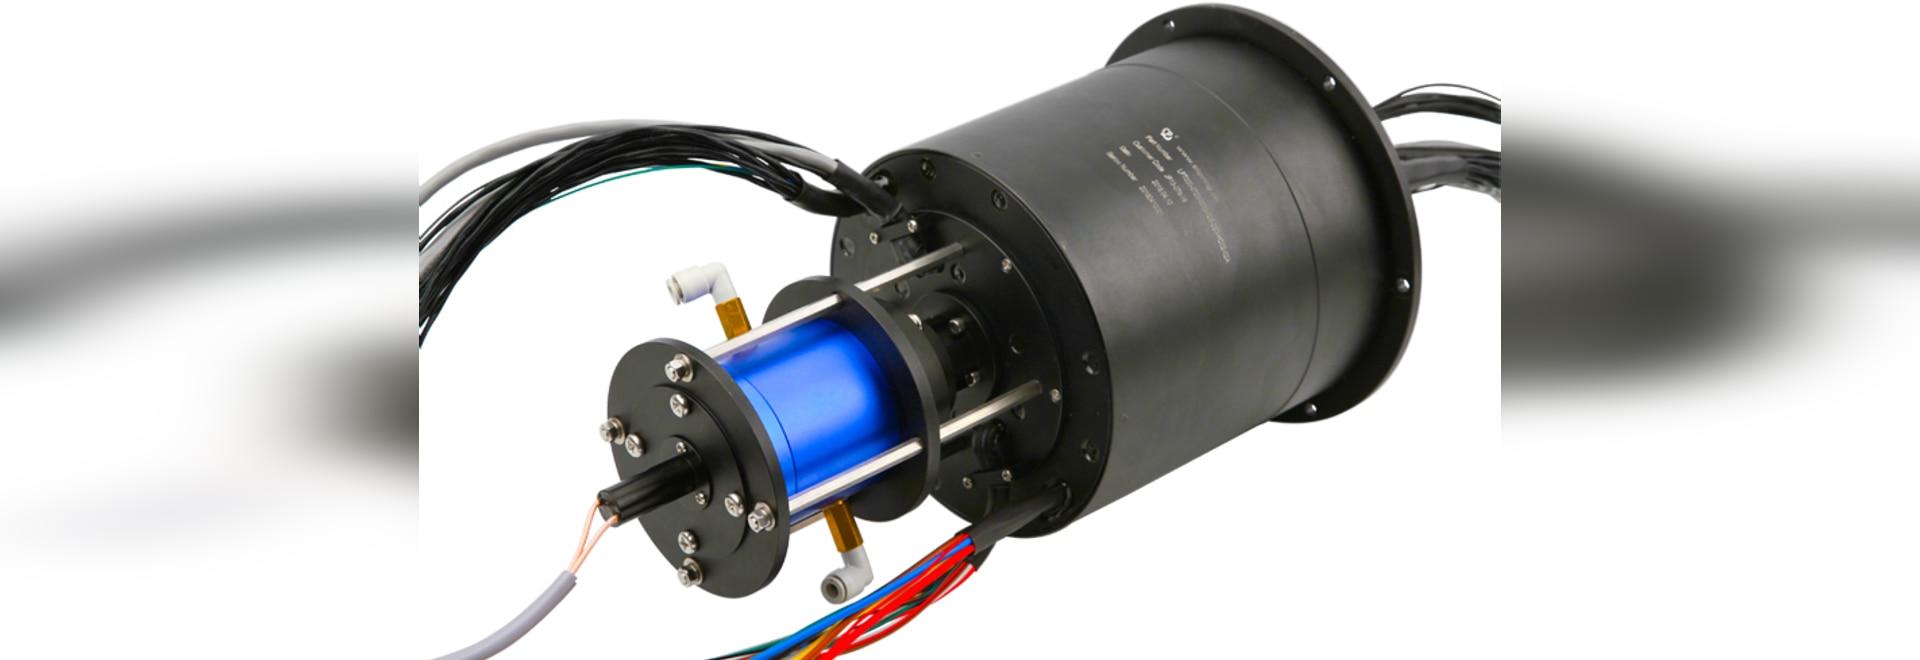 Joint tournant intégré hydraulique et électrique pneumatique